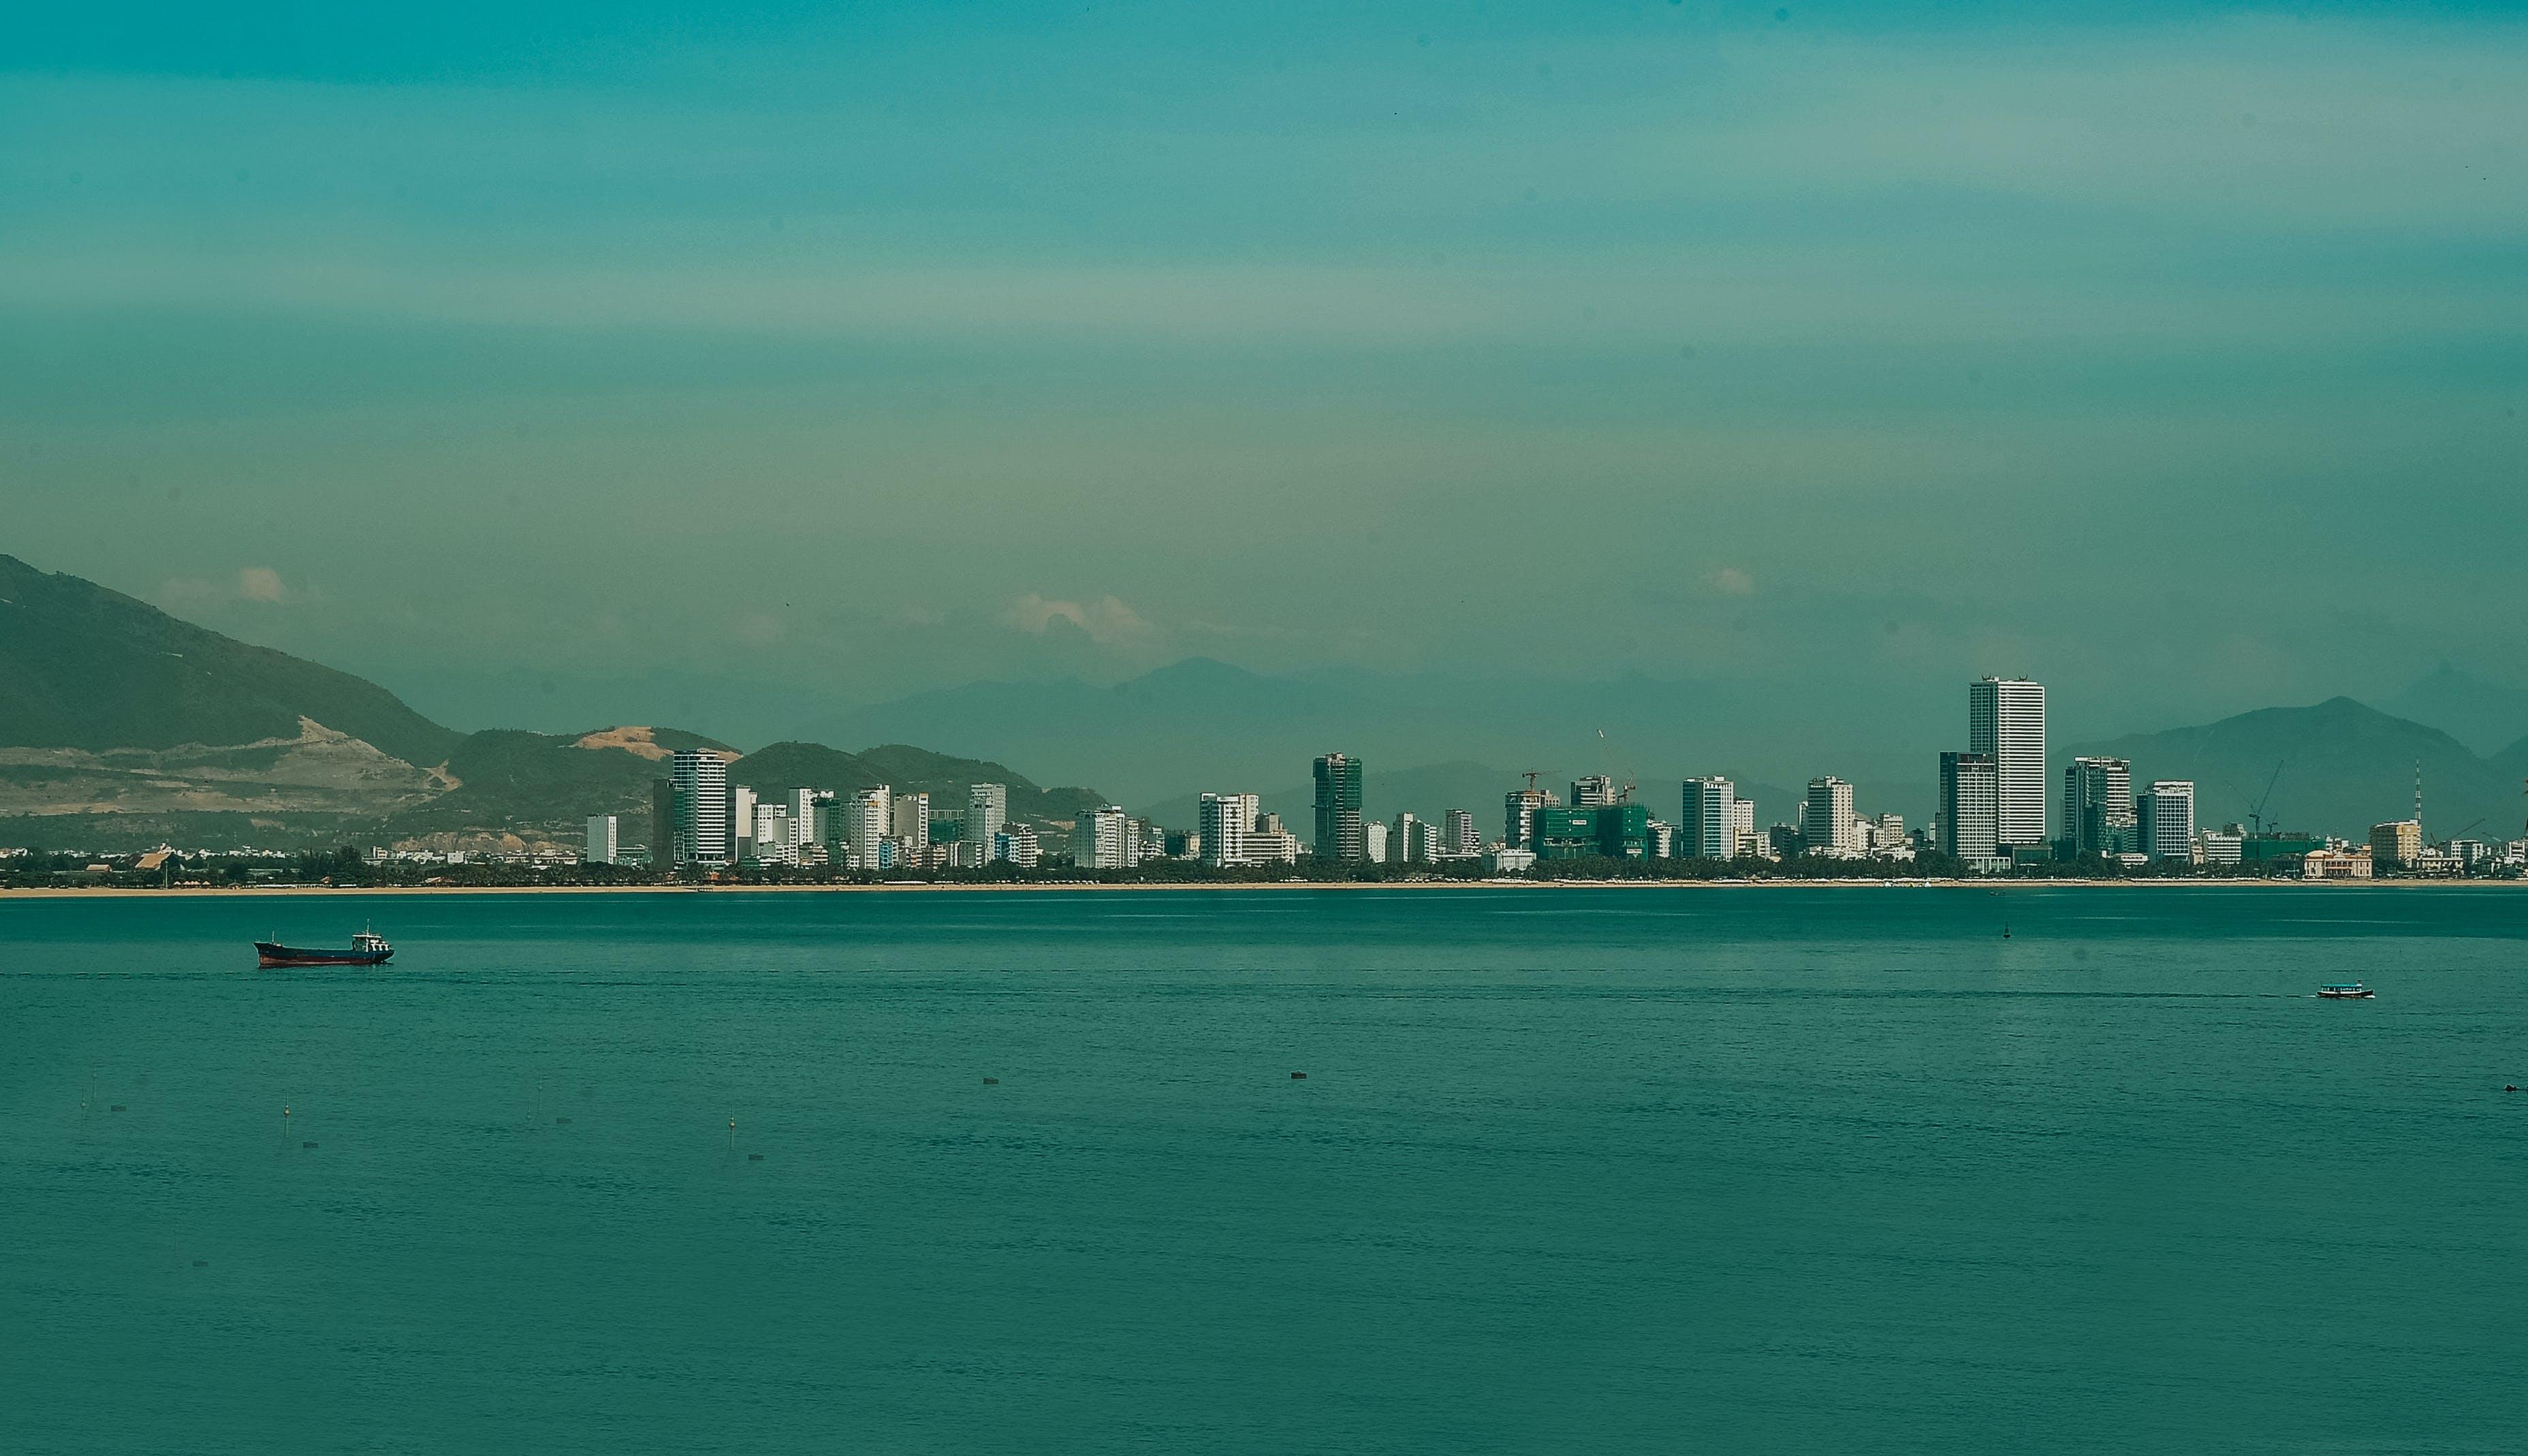 Ilmainen kuvapankkikuva tunnisteilla arkkitehtuuri, kaupunki, kaupunkimaisema, kaupunkinäkymä